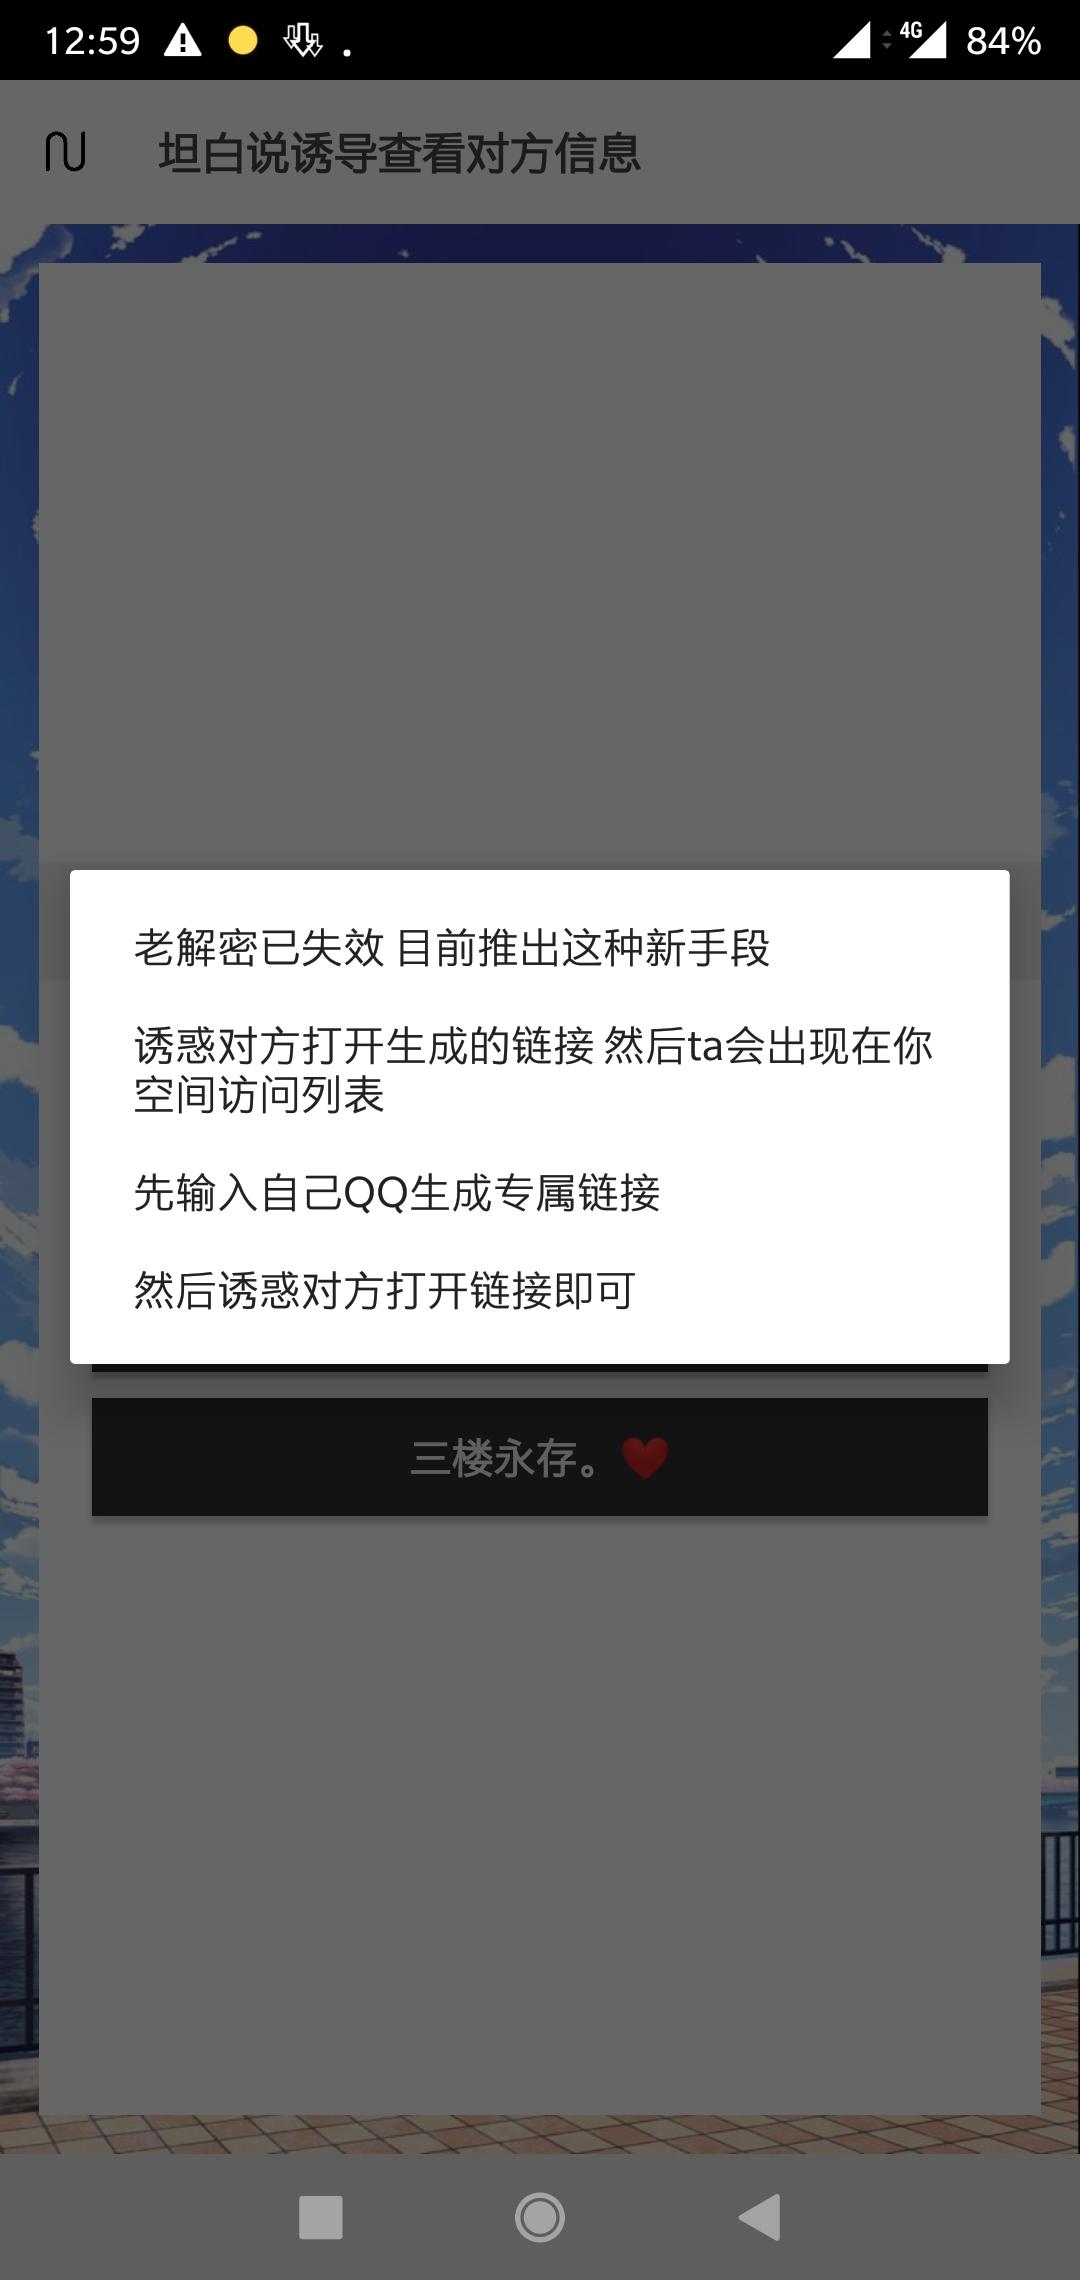 Screenshot_20180616-125954.jpg